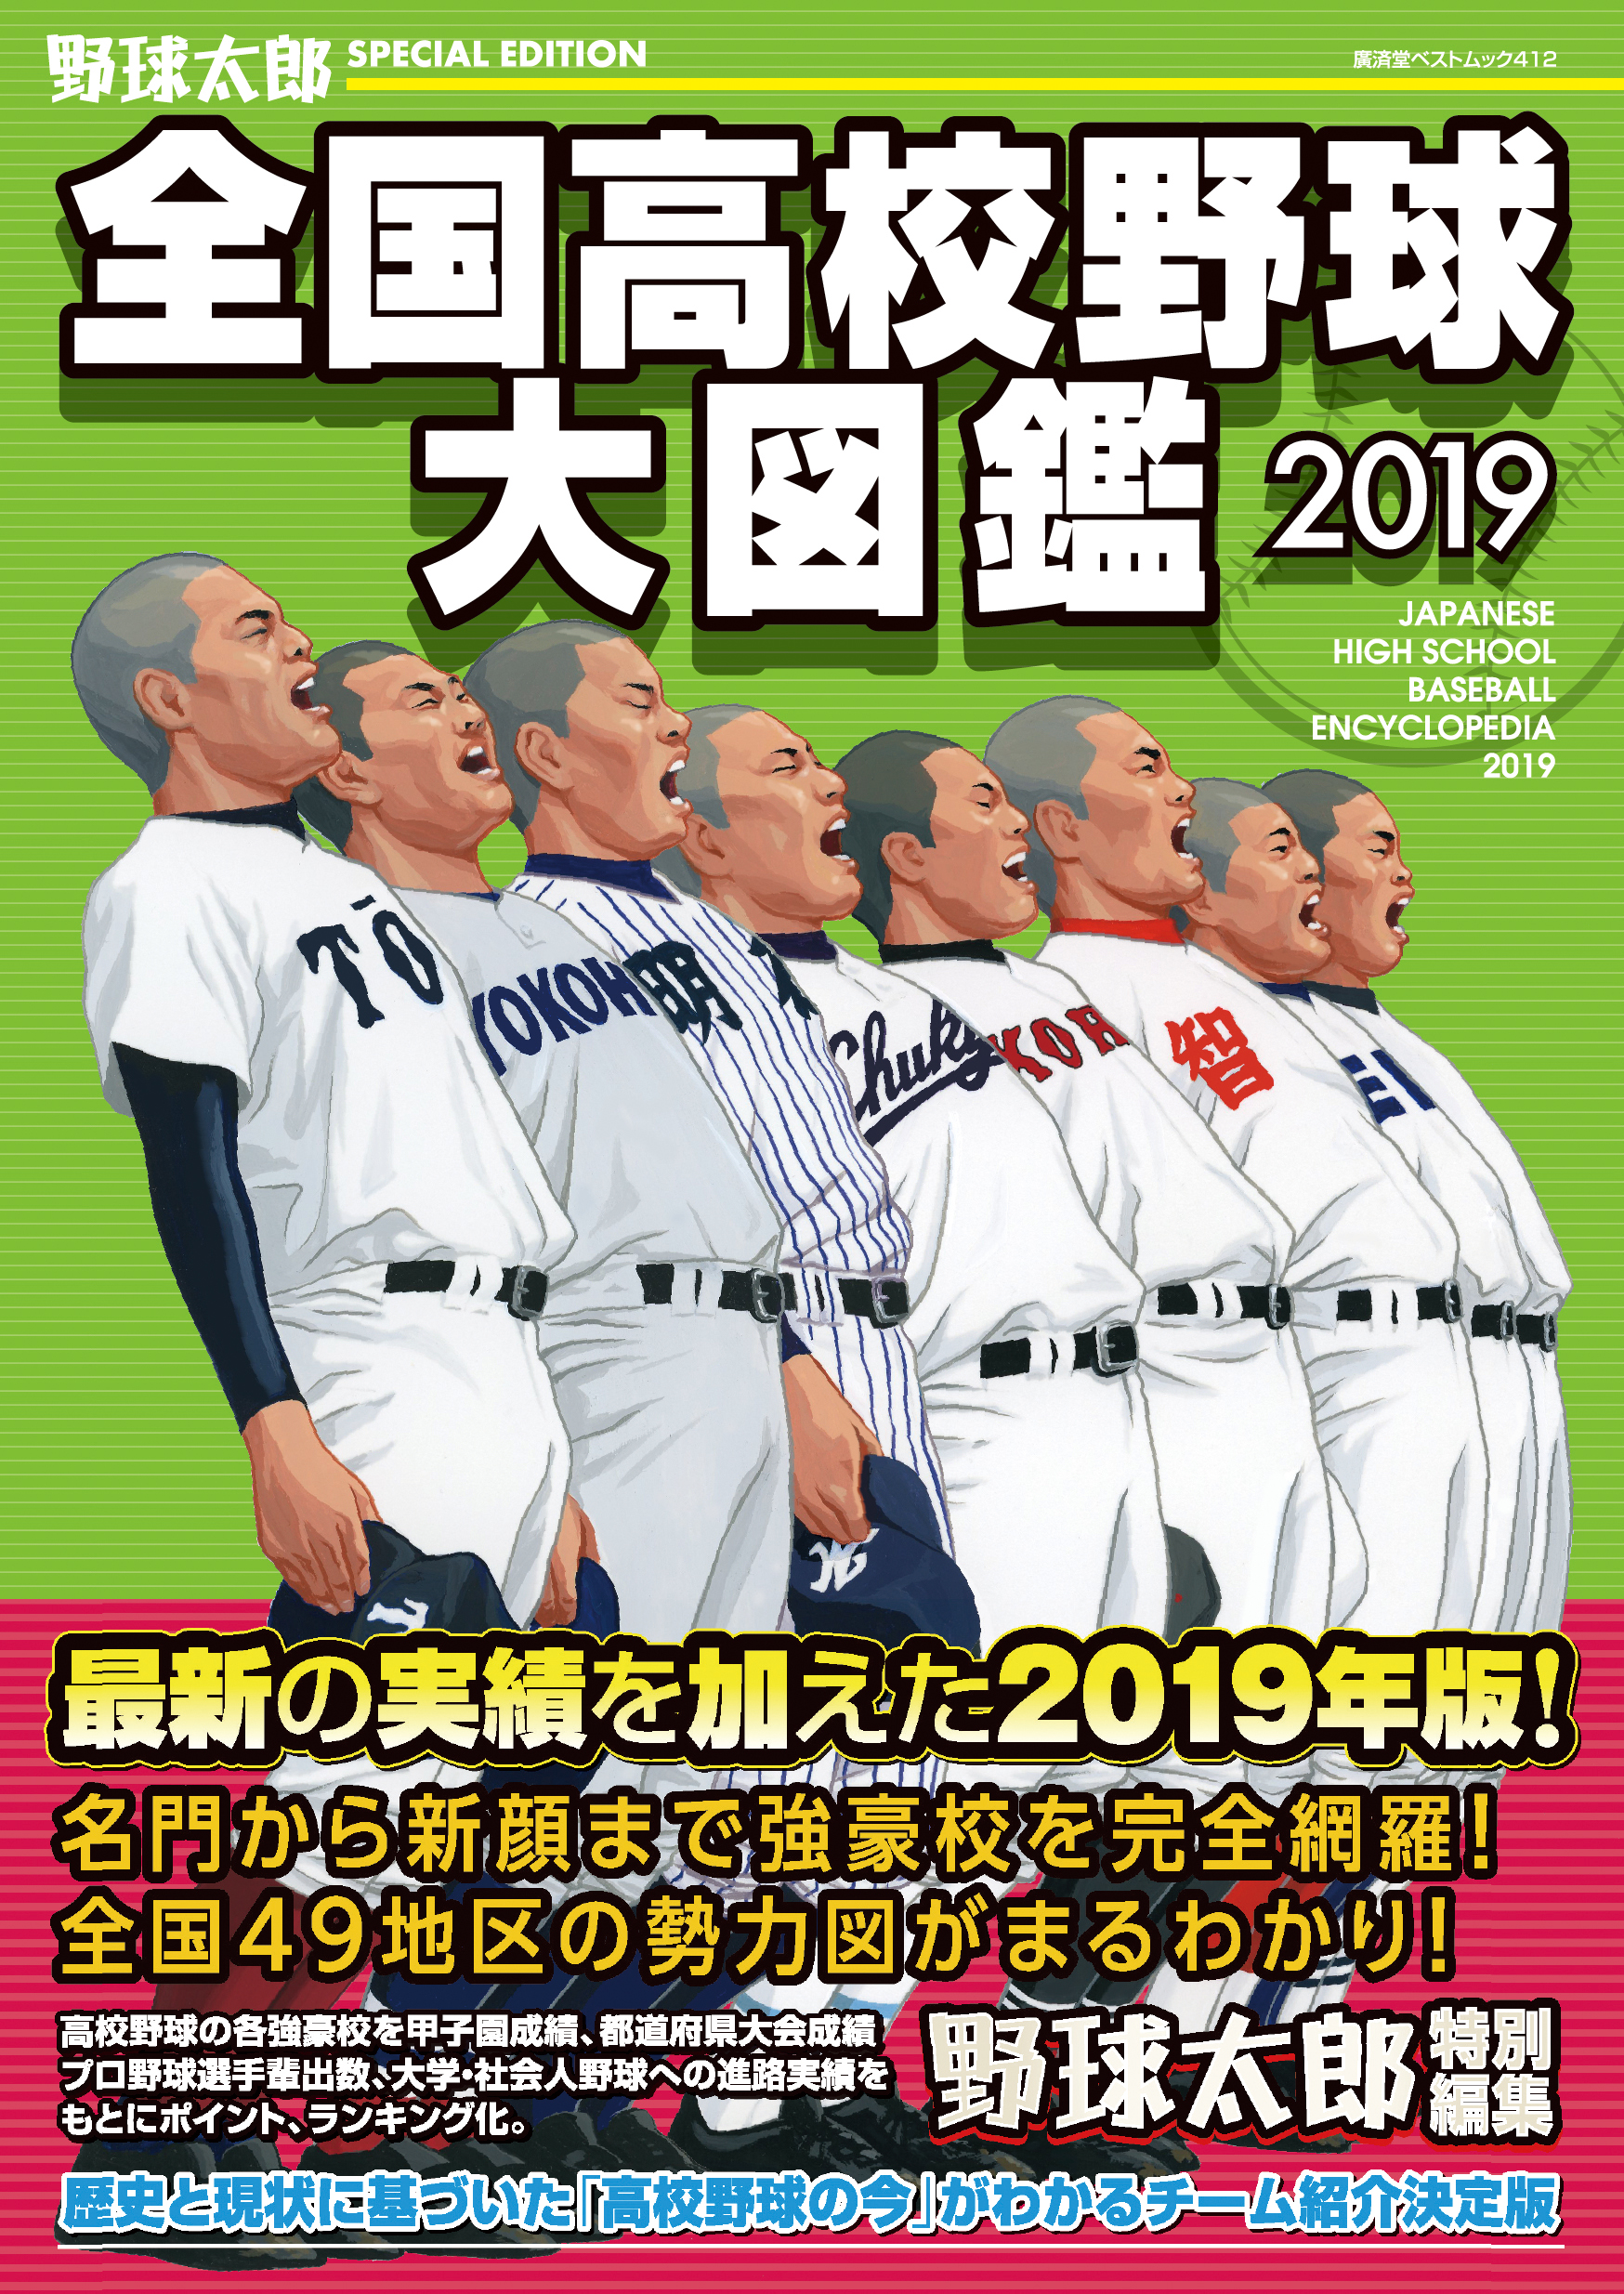 高校進学ガイドにもなります!『野球太郎SPECIAL EDITION 全国高校野球大図鑑2019』3月23日に発売しました!